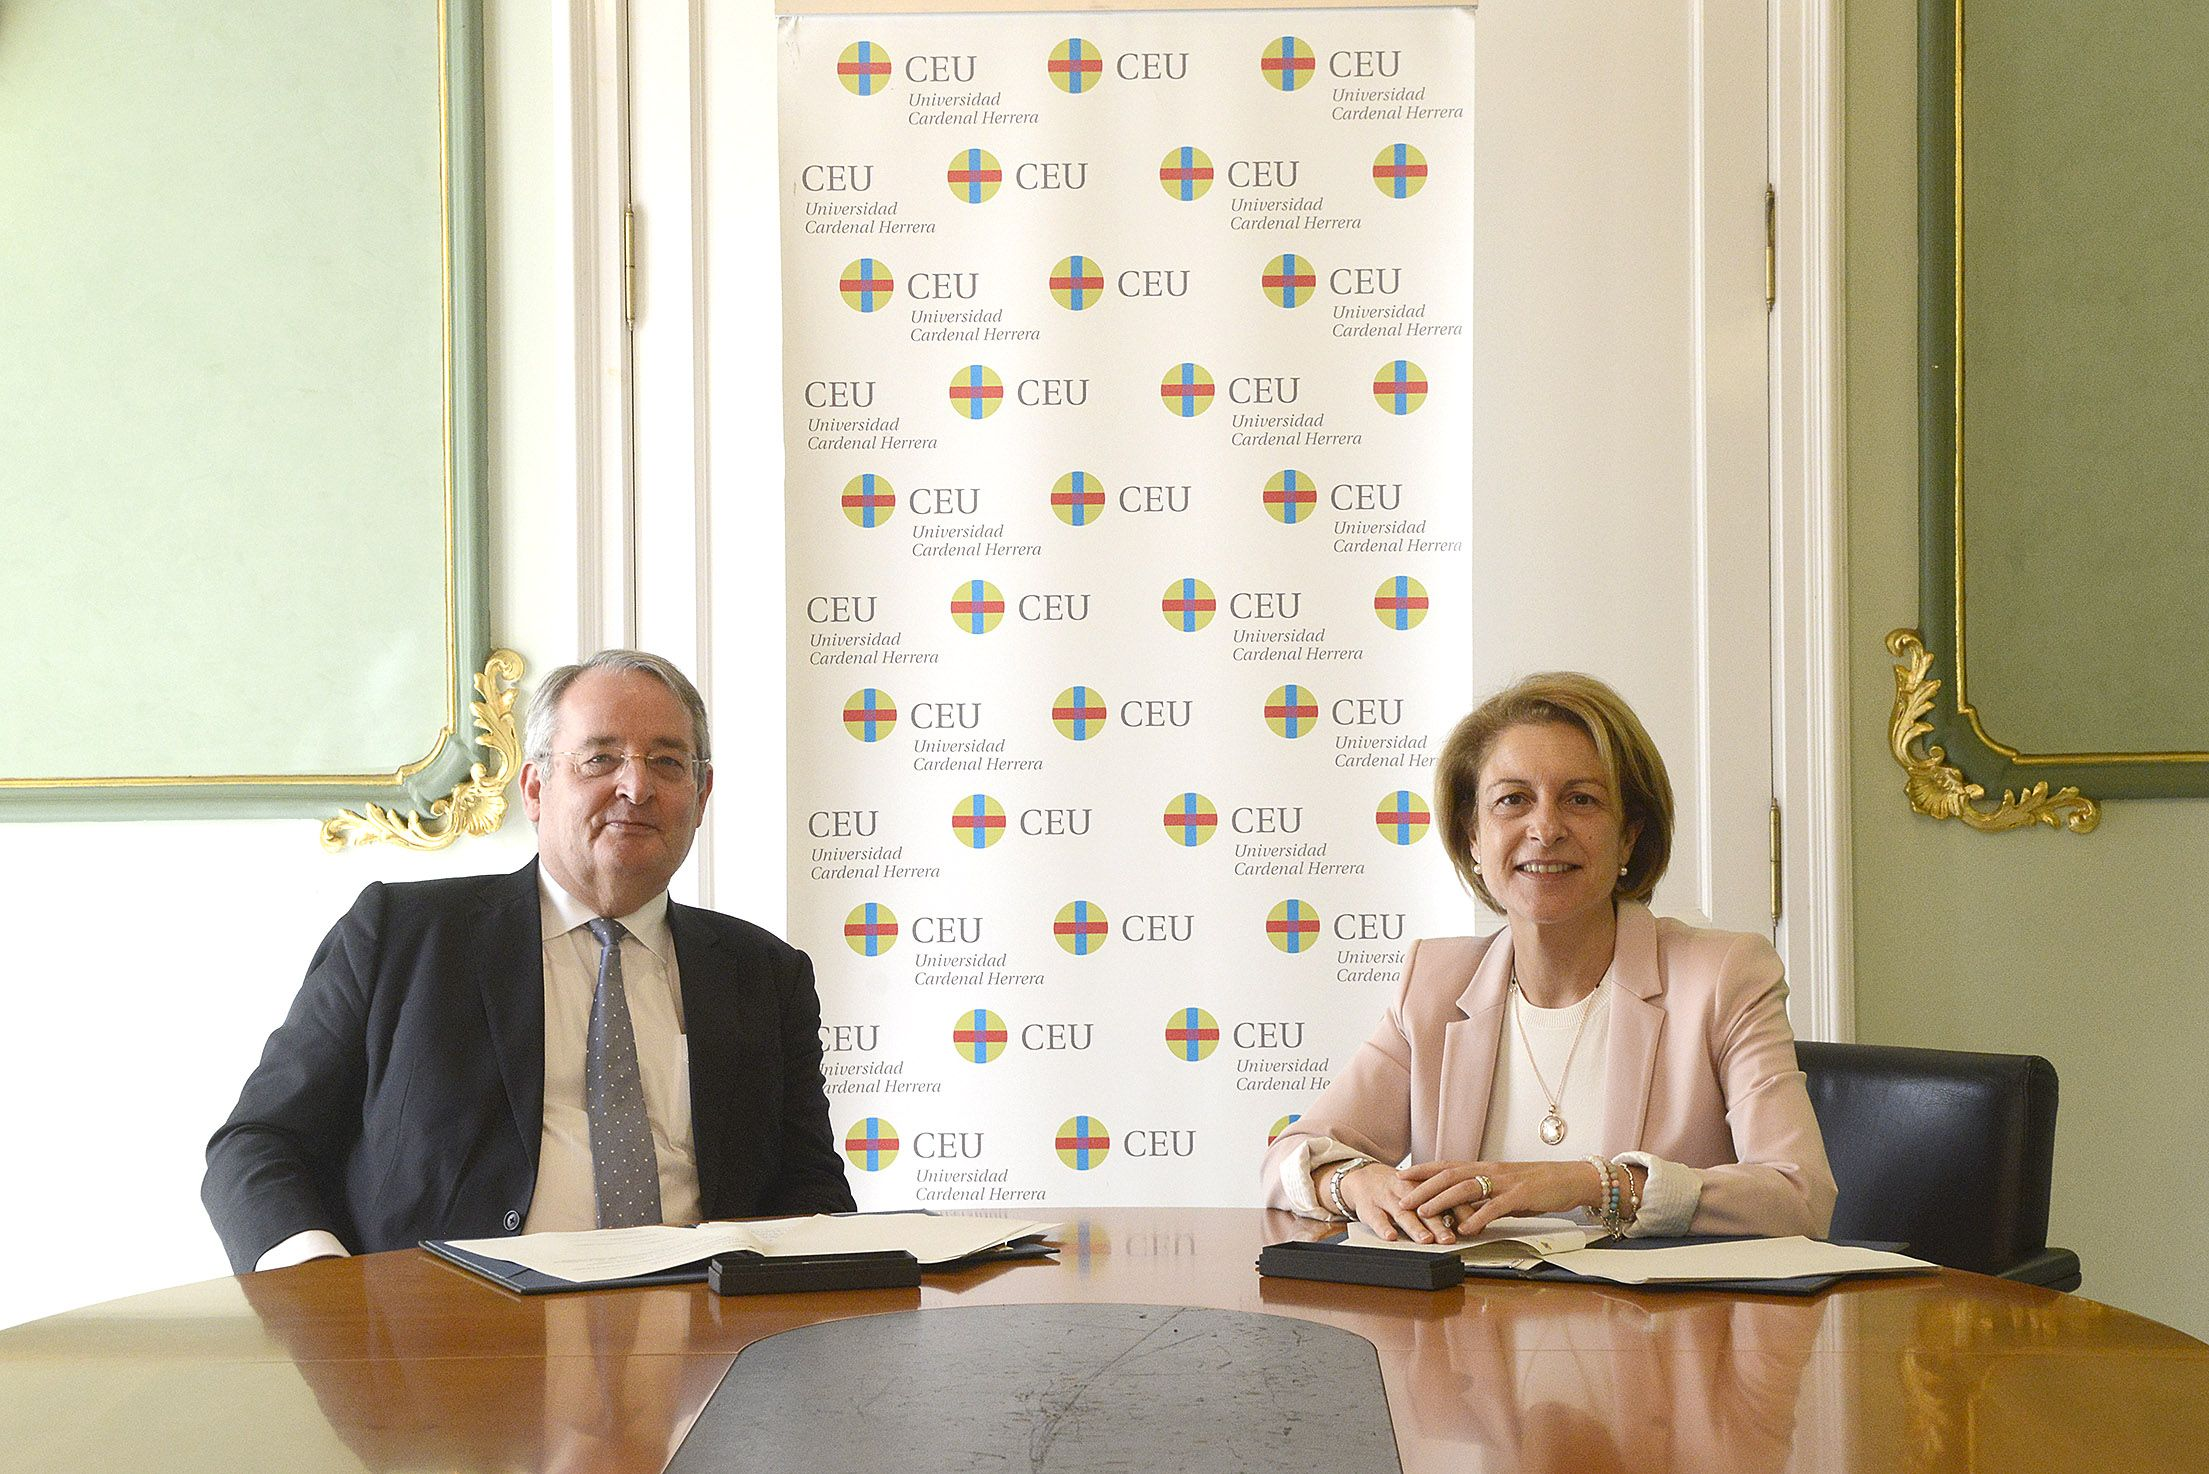 El director general de ESI Group, Vicent Chaillou, y la rectora de la CEU-UCH, Rosa Visiedo, durante la firma del convenio para la creación de la Cátedra.